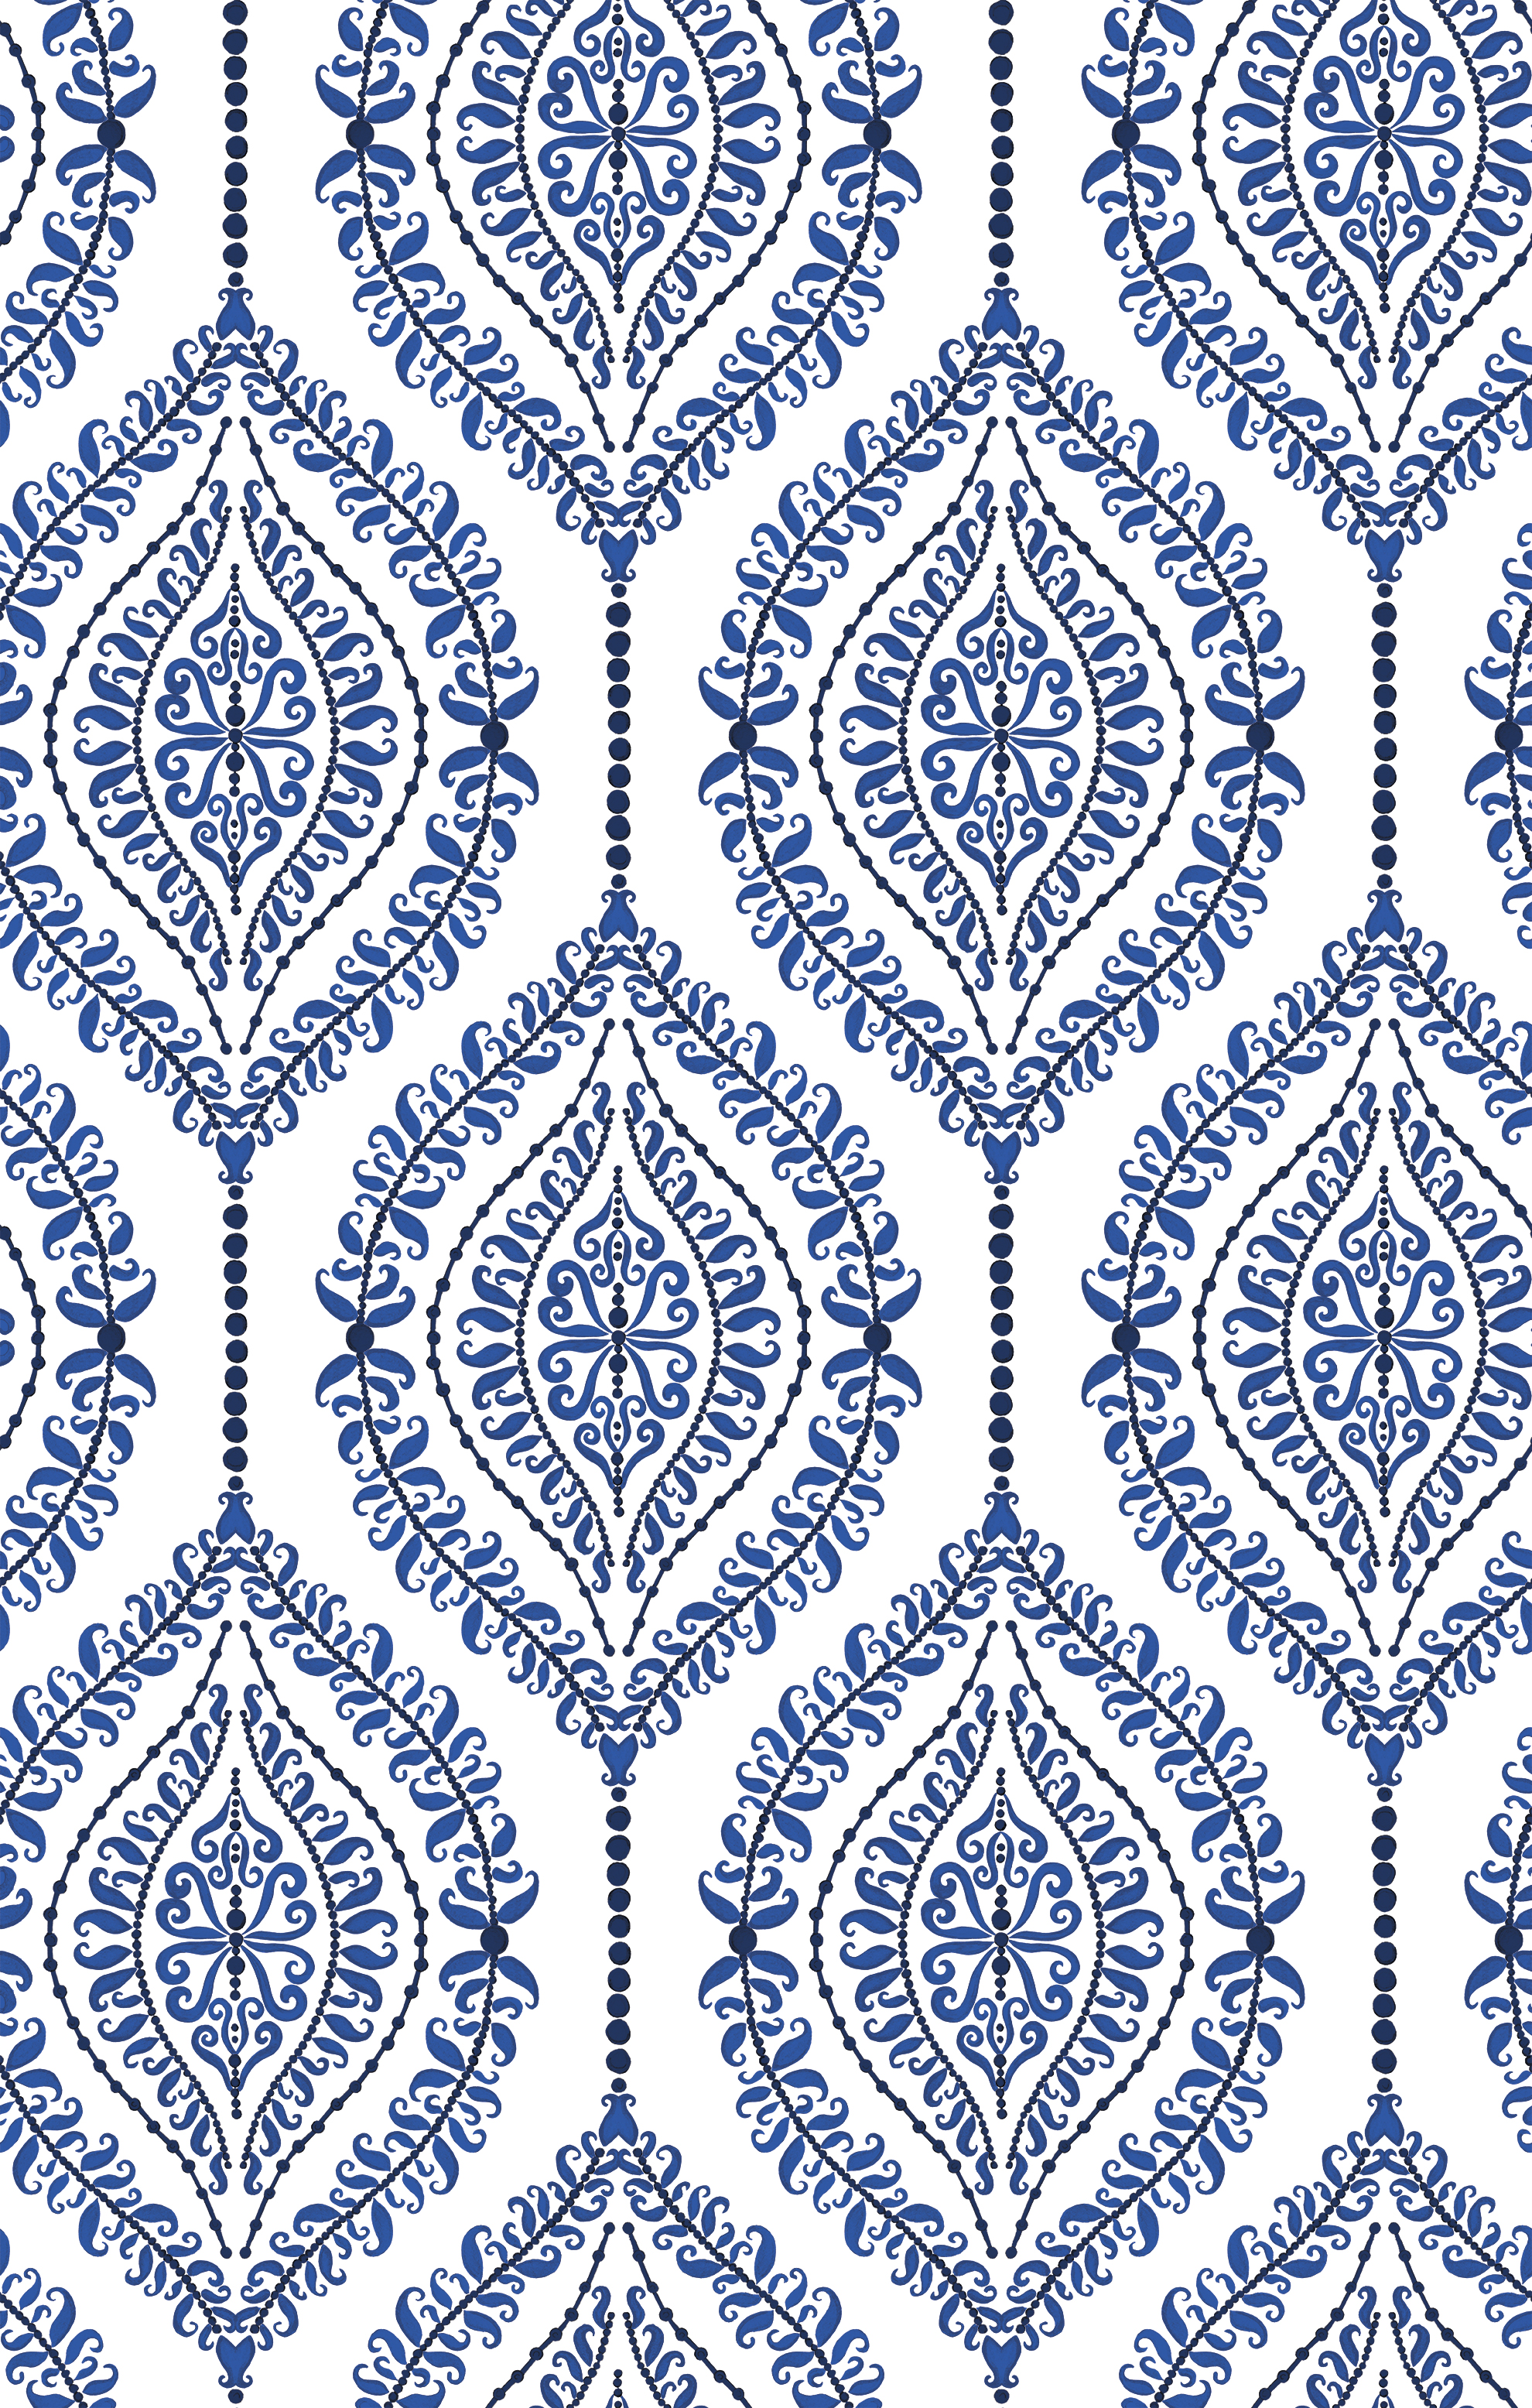 Curls & Pearls Wallpaper Blue